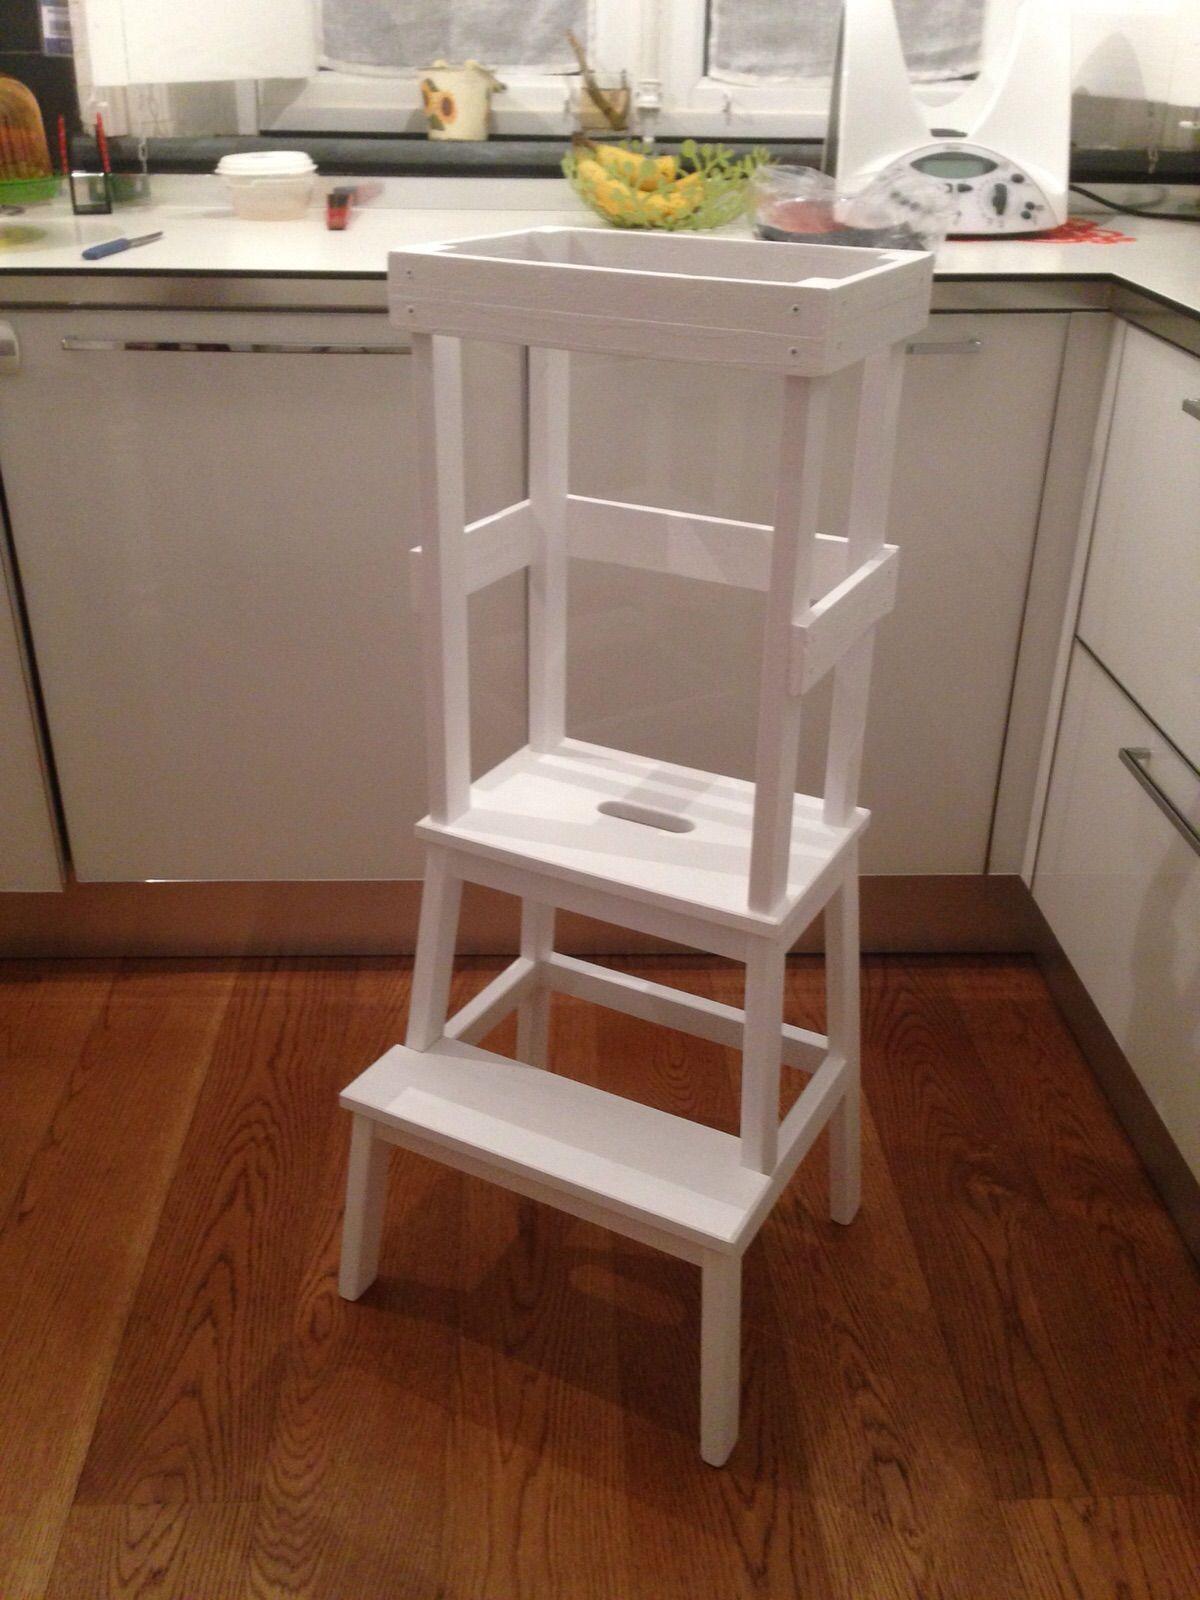 Learning Tower   Torre Du0027apprendimento Per Bambini Realizzata In Legno  Modificando Uno Sgabello Ikea